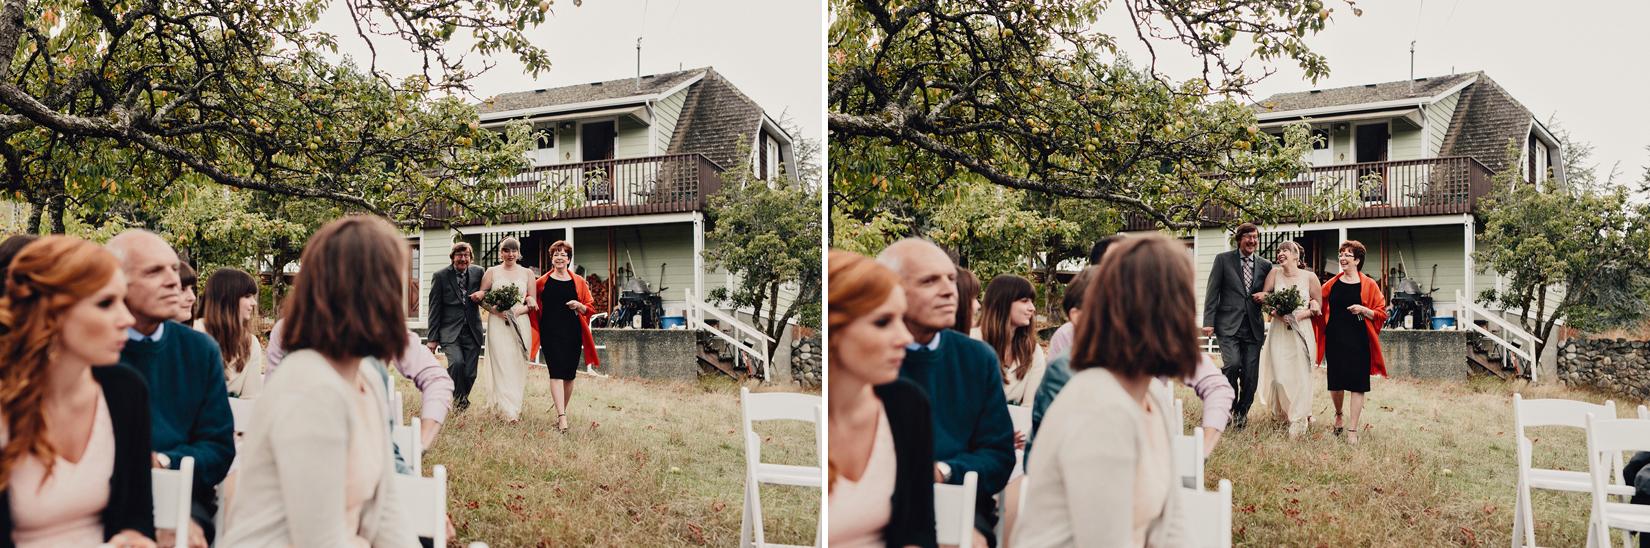 Glenrosa-Farms-Wedding-Photos-0221.jpg